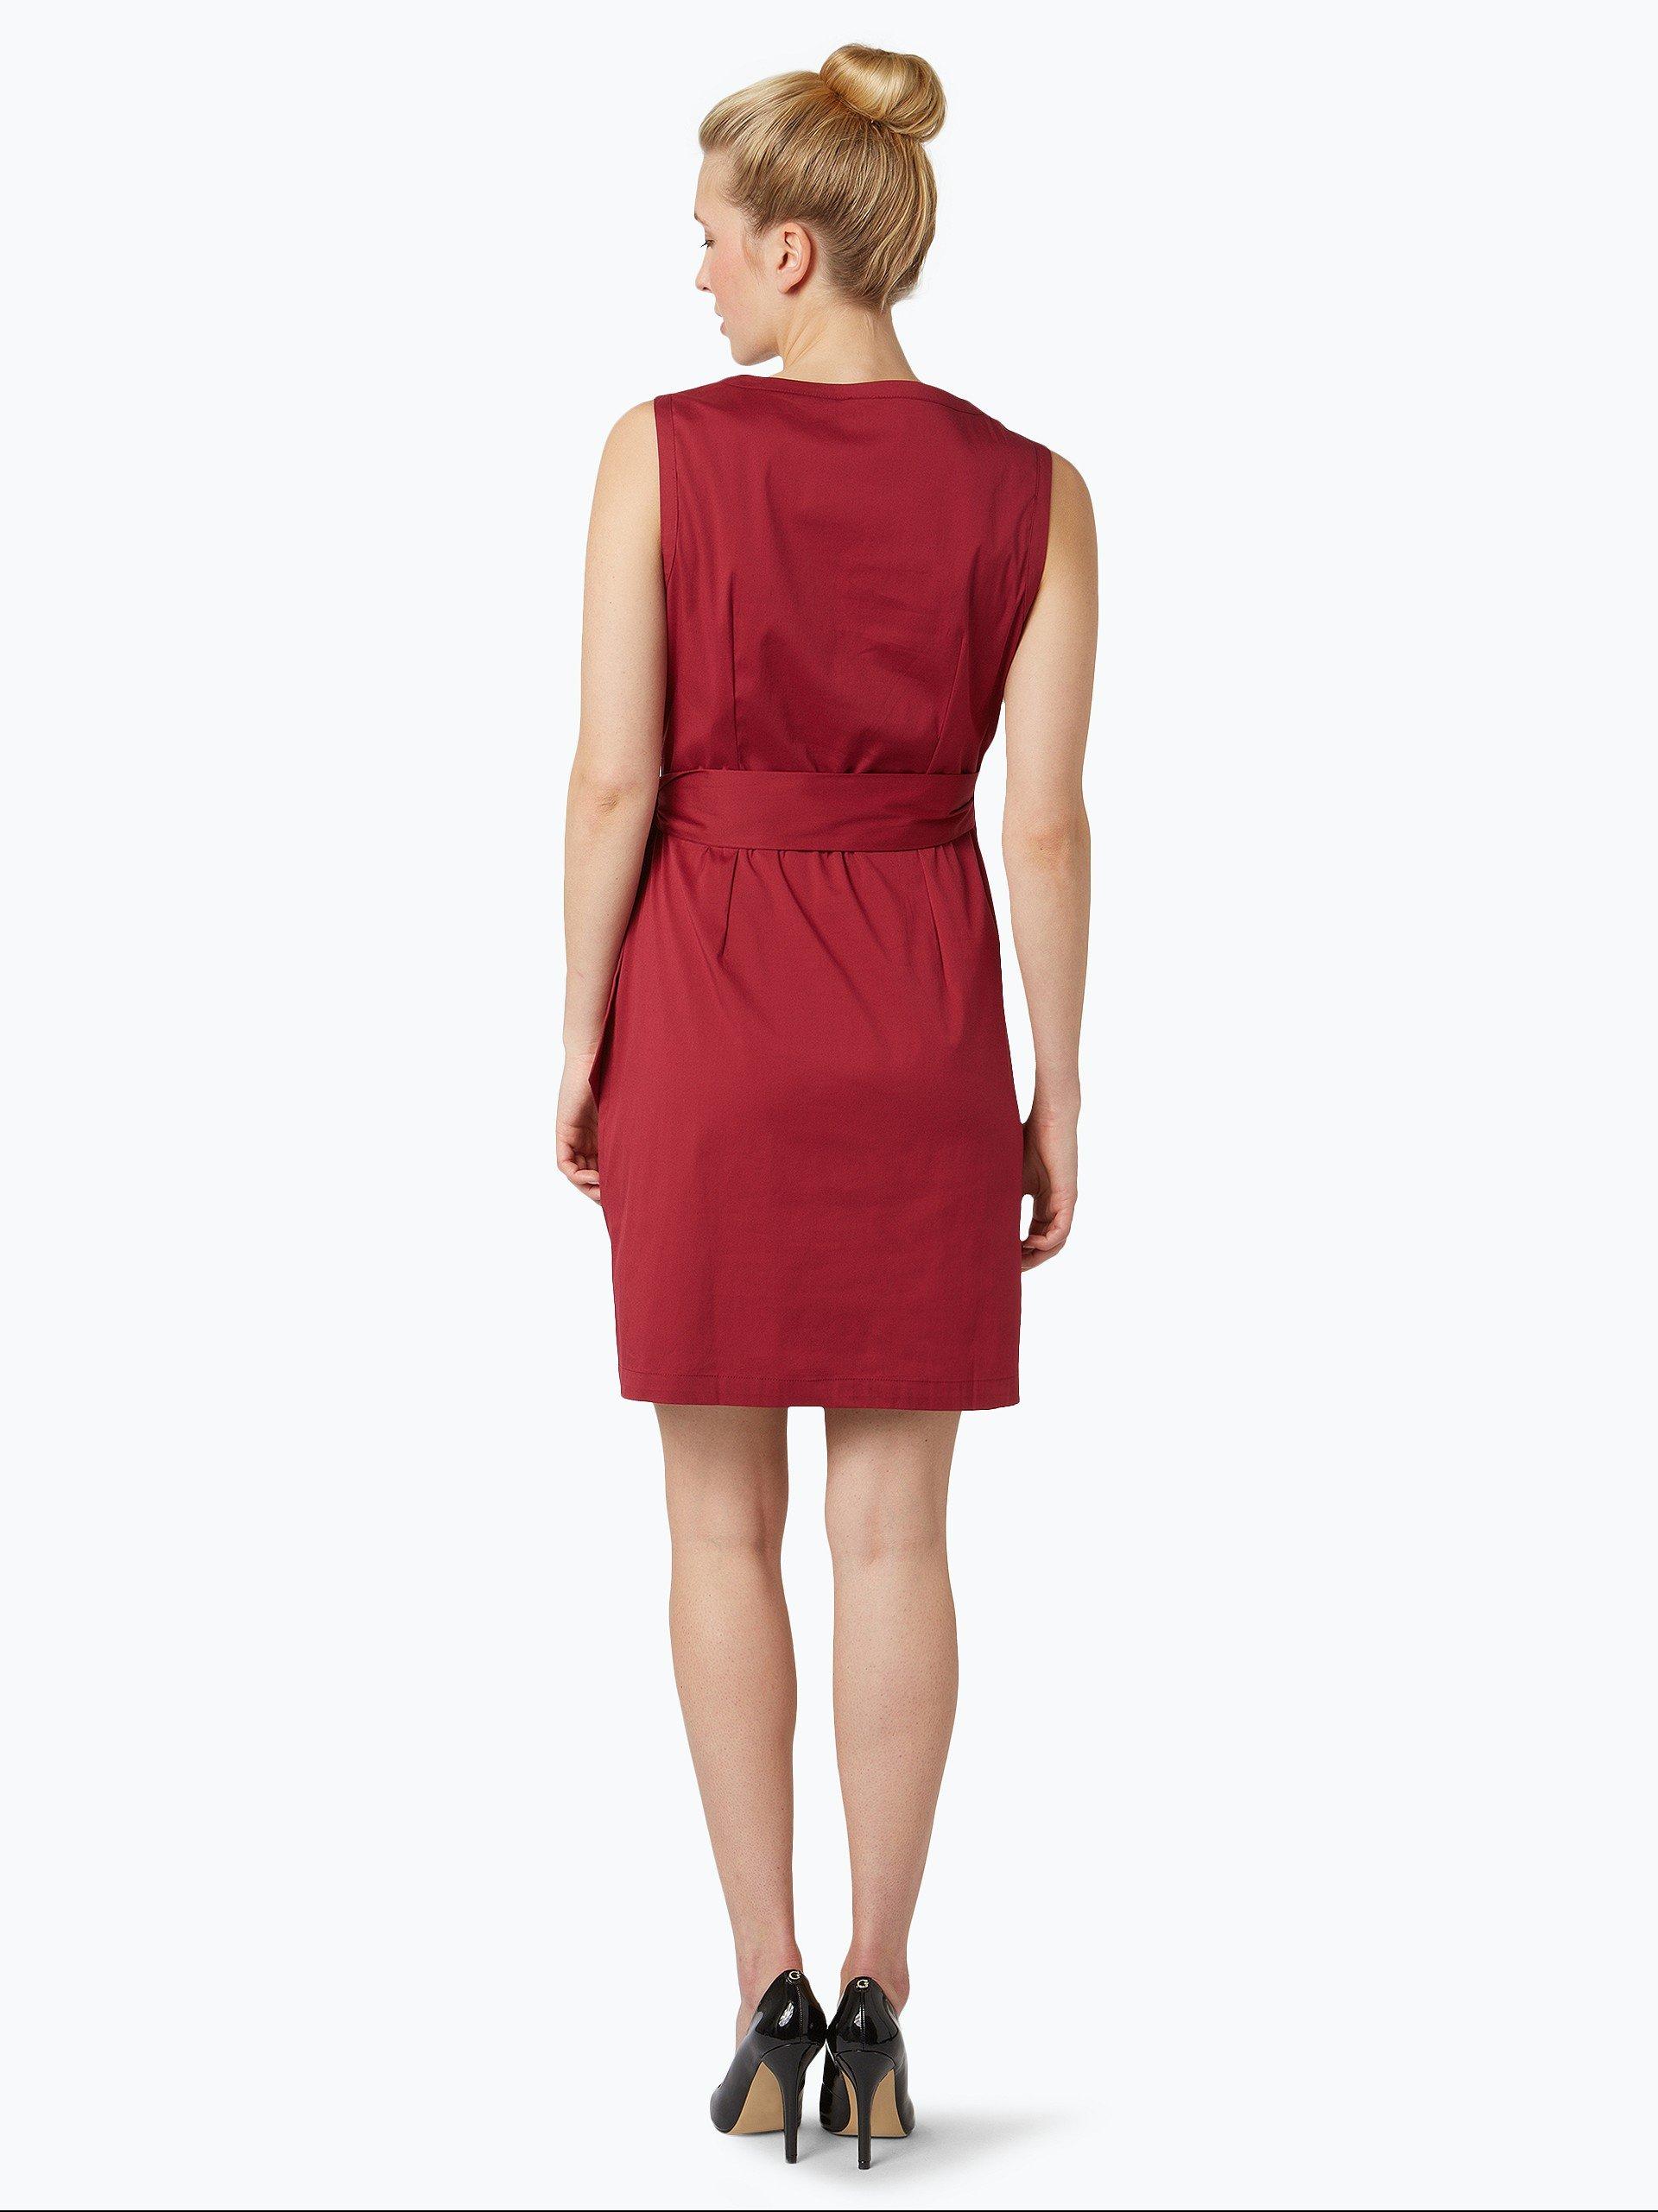 s oliver black label damen kleid rot uni online kaufen. Black Bedroom Furniture Sets. Home Design Ideas